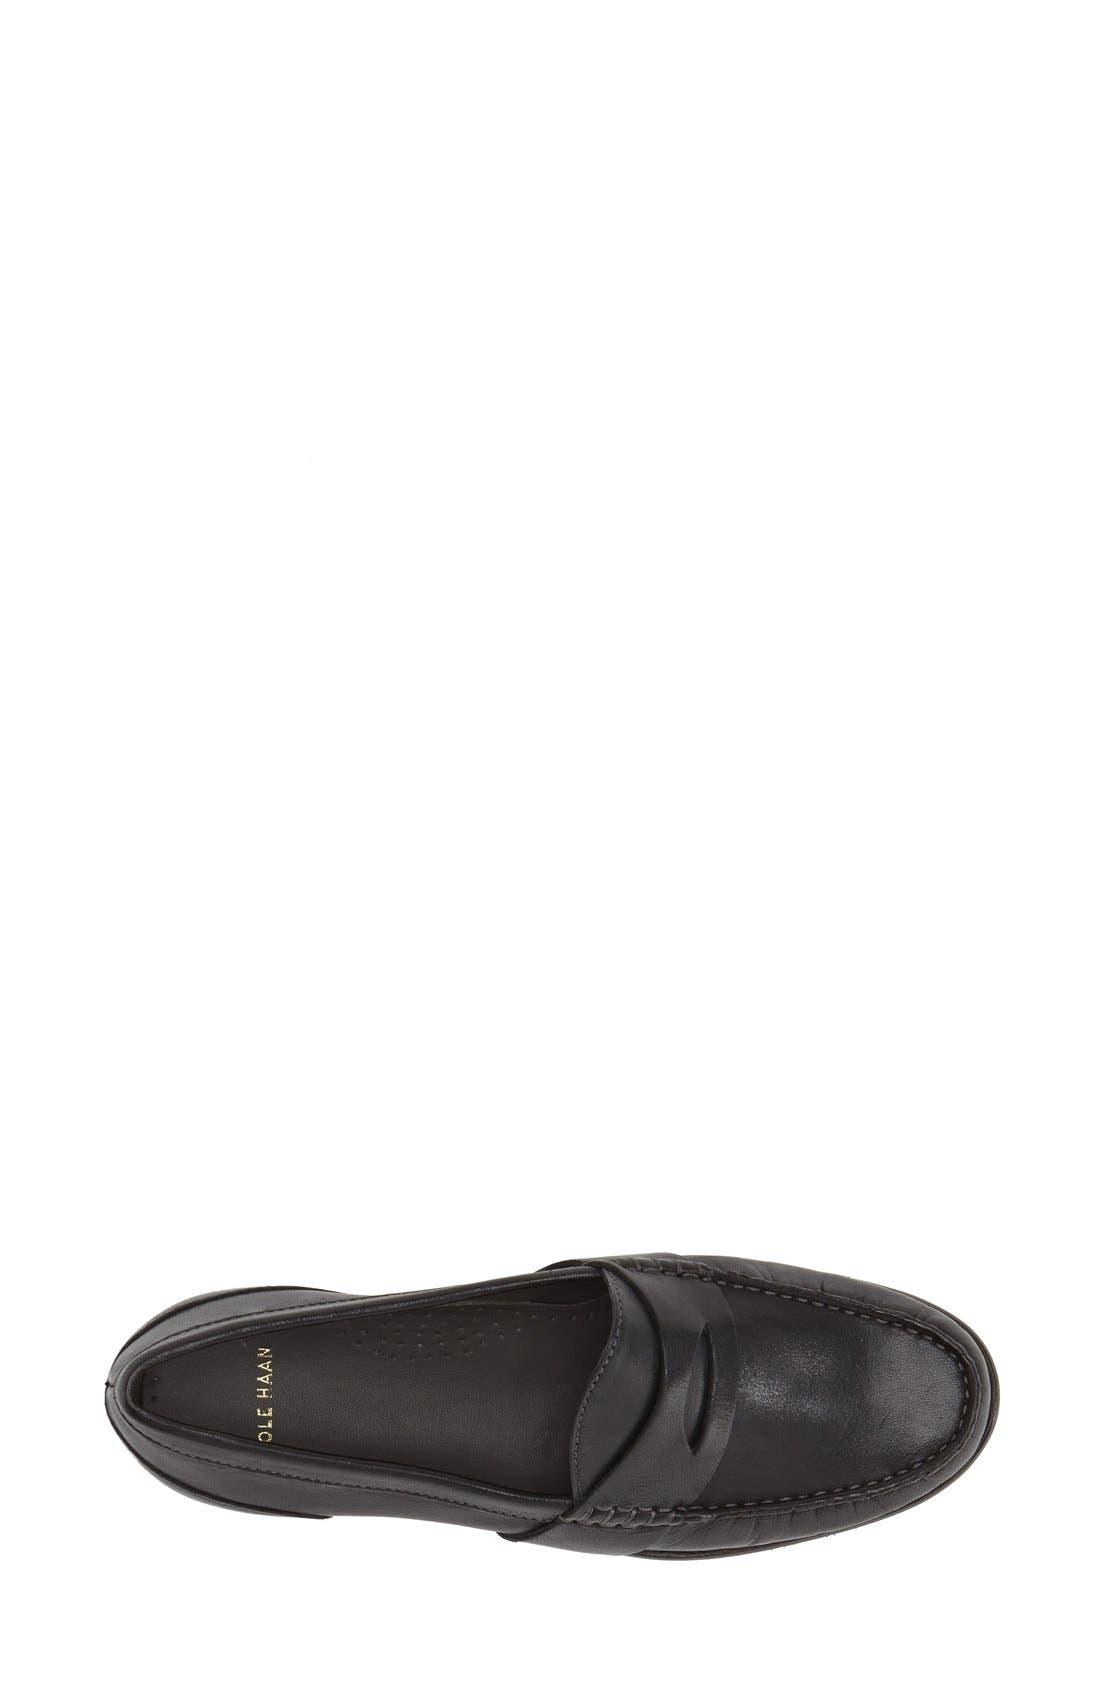 'Laurel' Moc Loafer,                             Alternate thumbnail 3, color,                             Black Leather